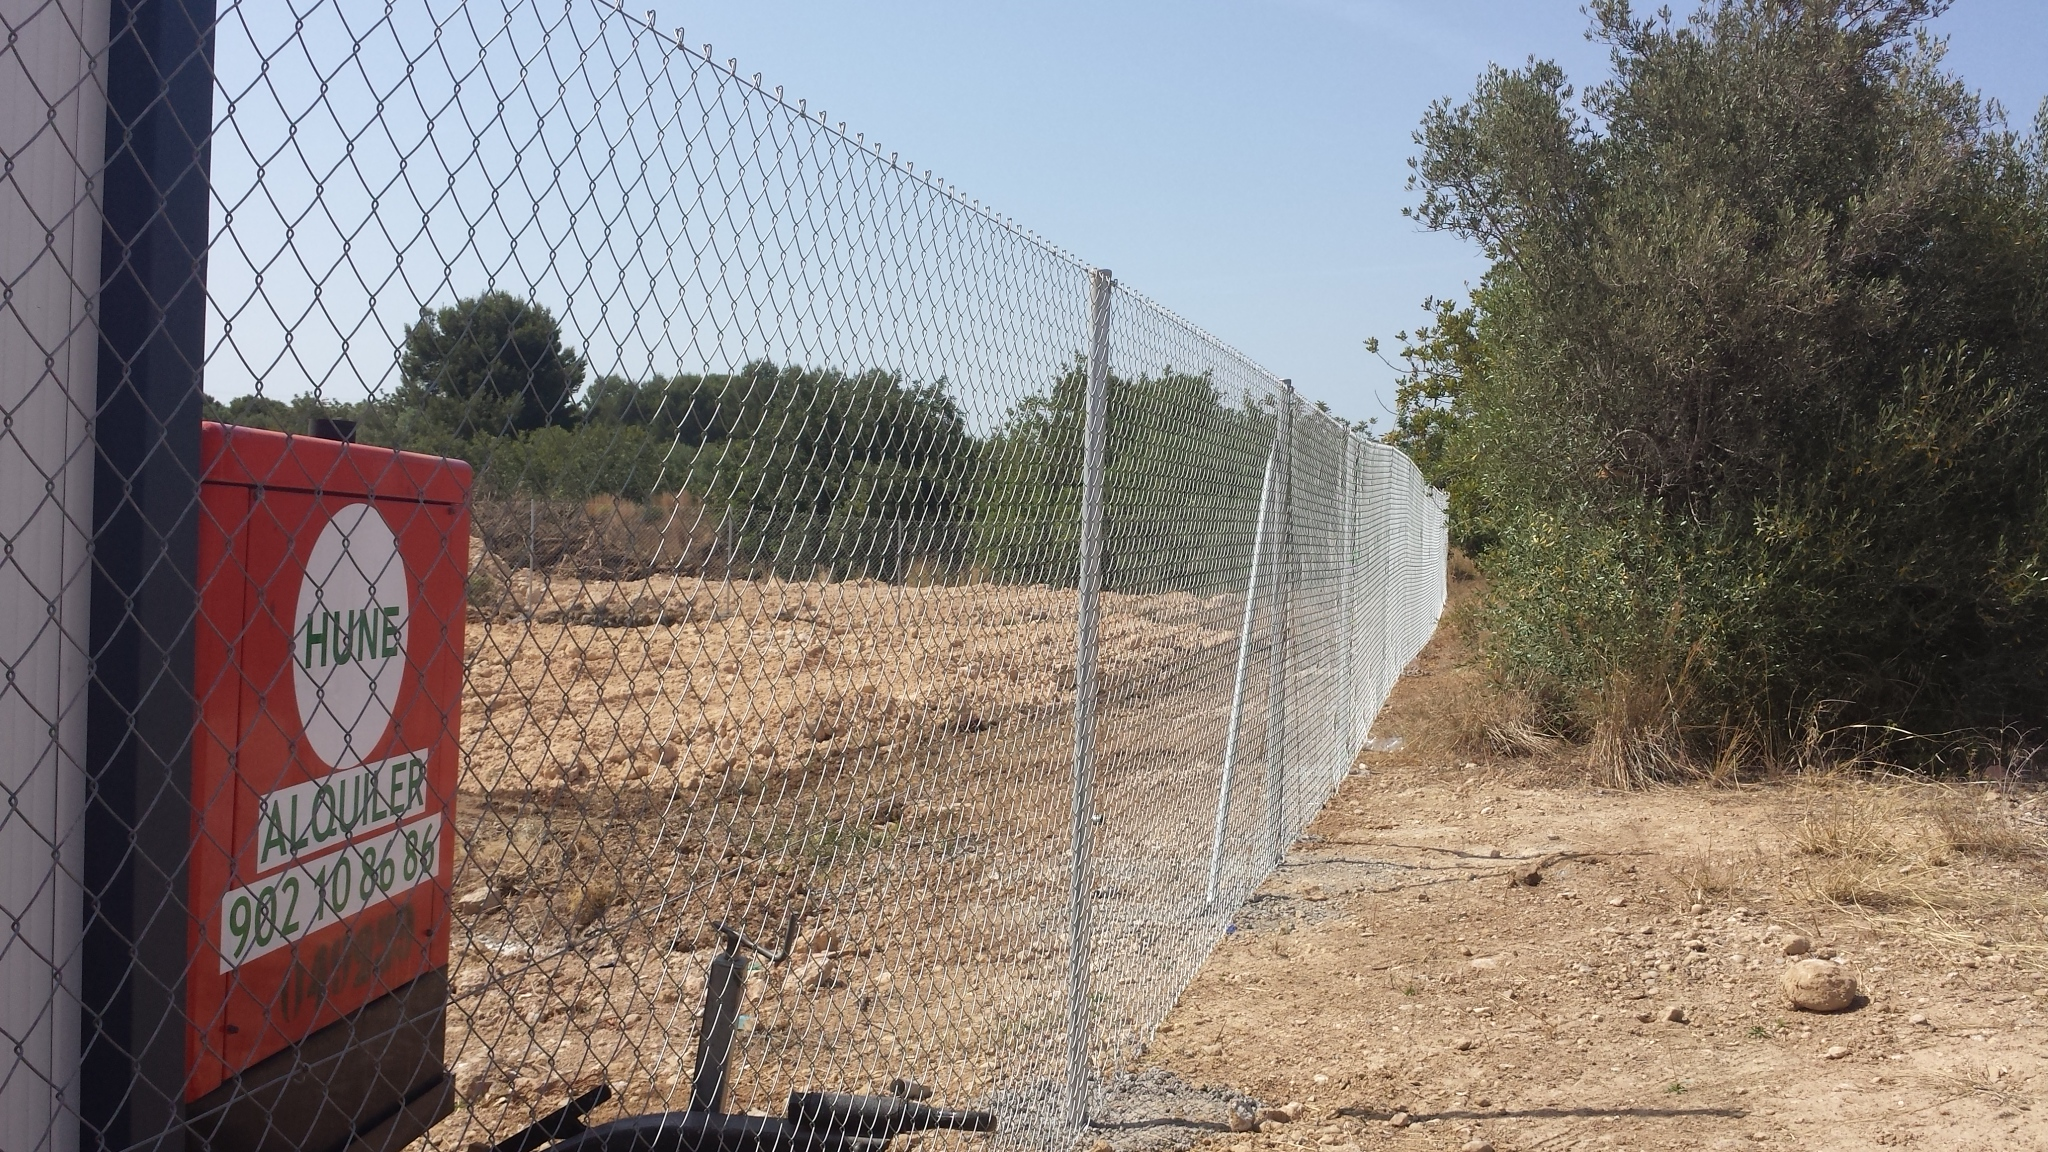 Vinuesa vallas cercados definicion de valla y cercado - Vallar un terreno ...